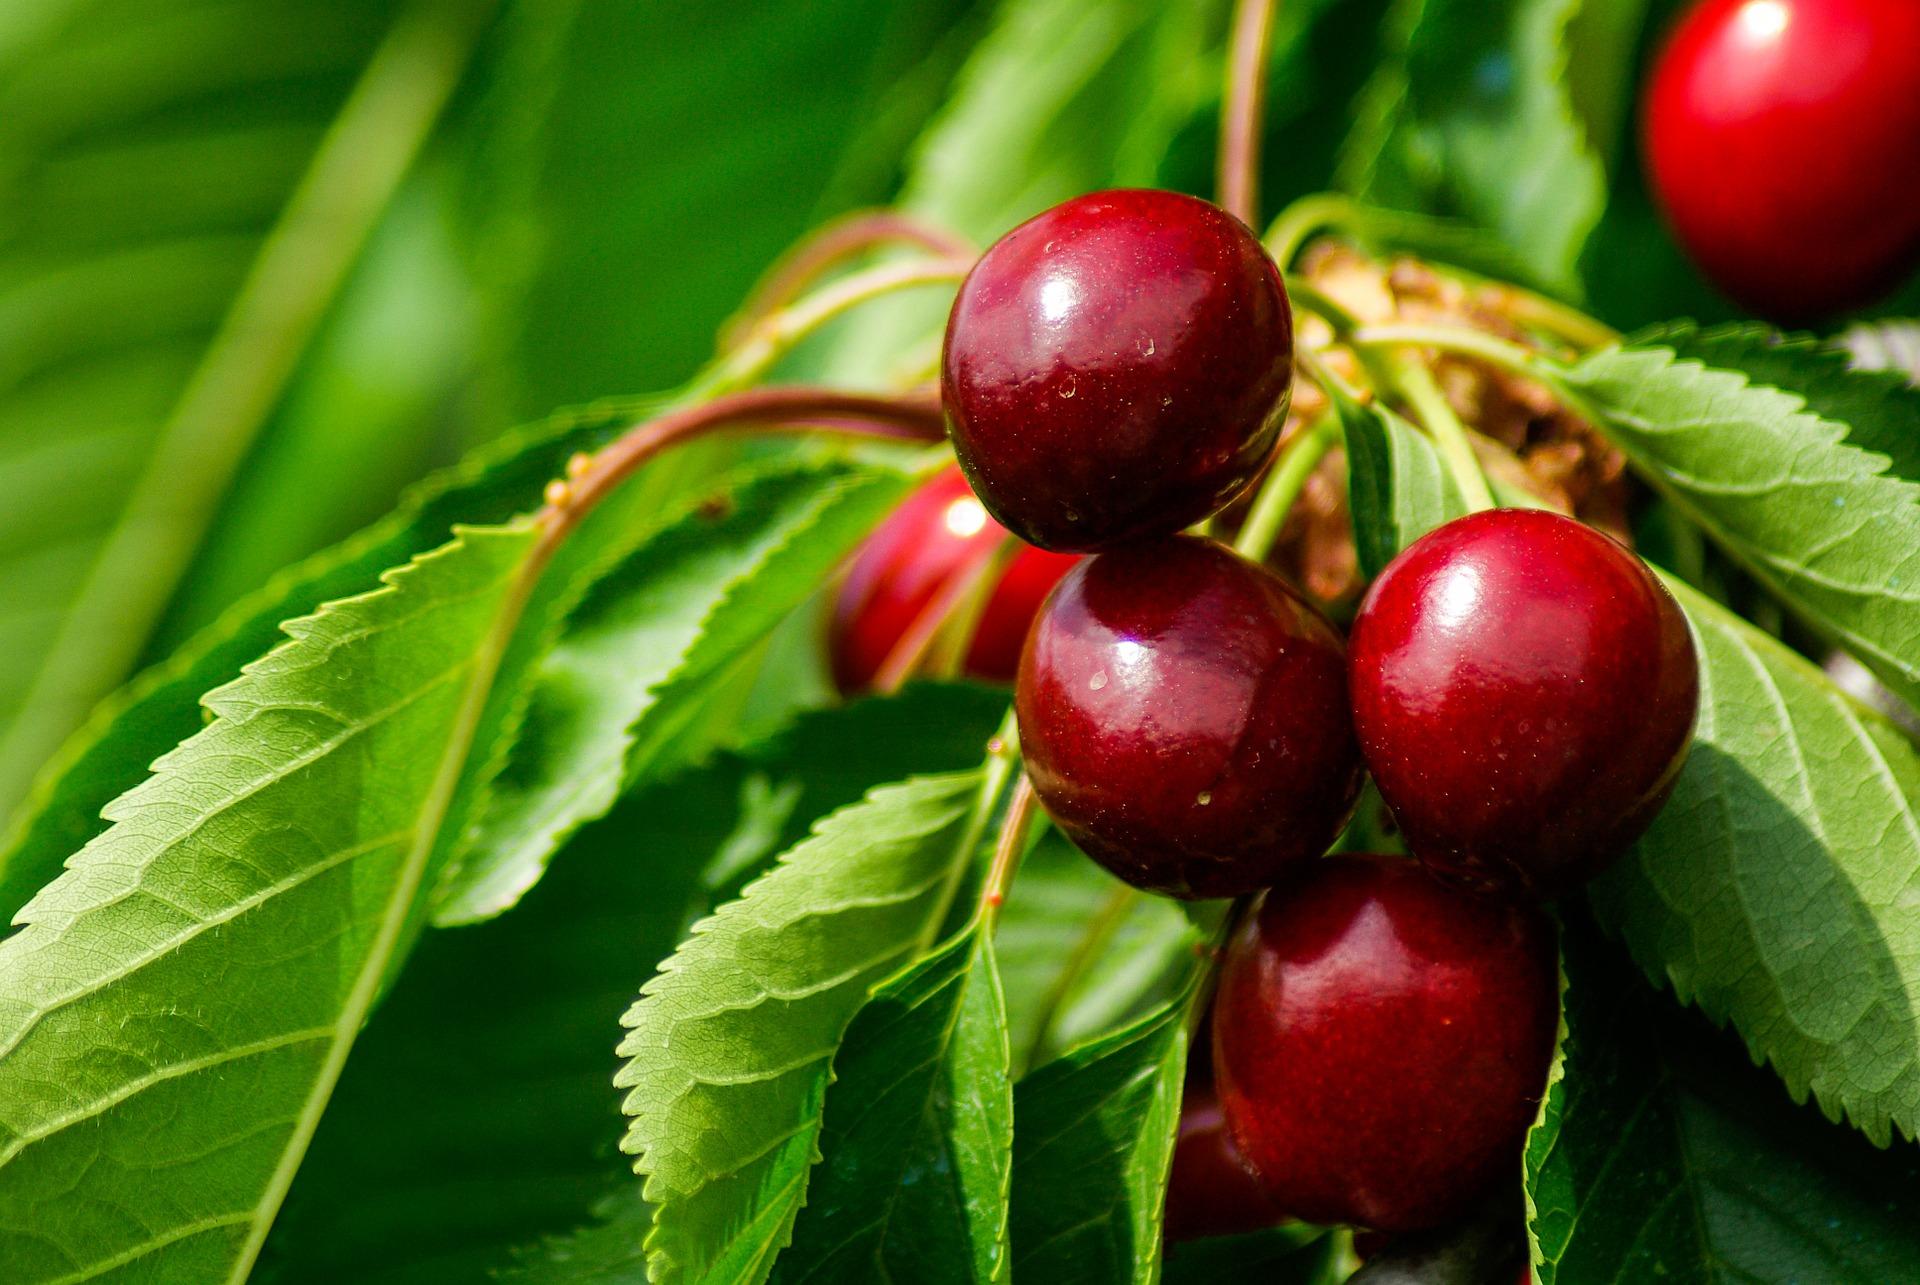 cherries-793782_1920 (2)